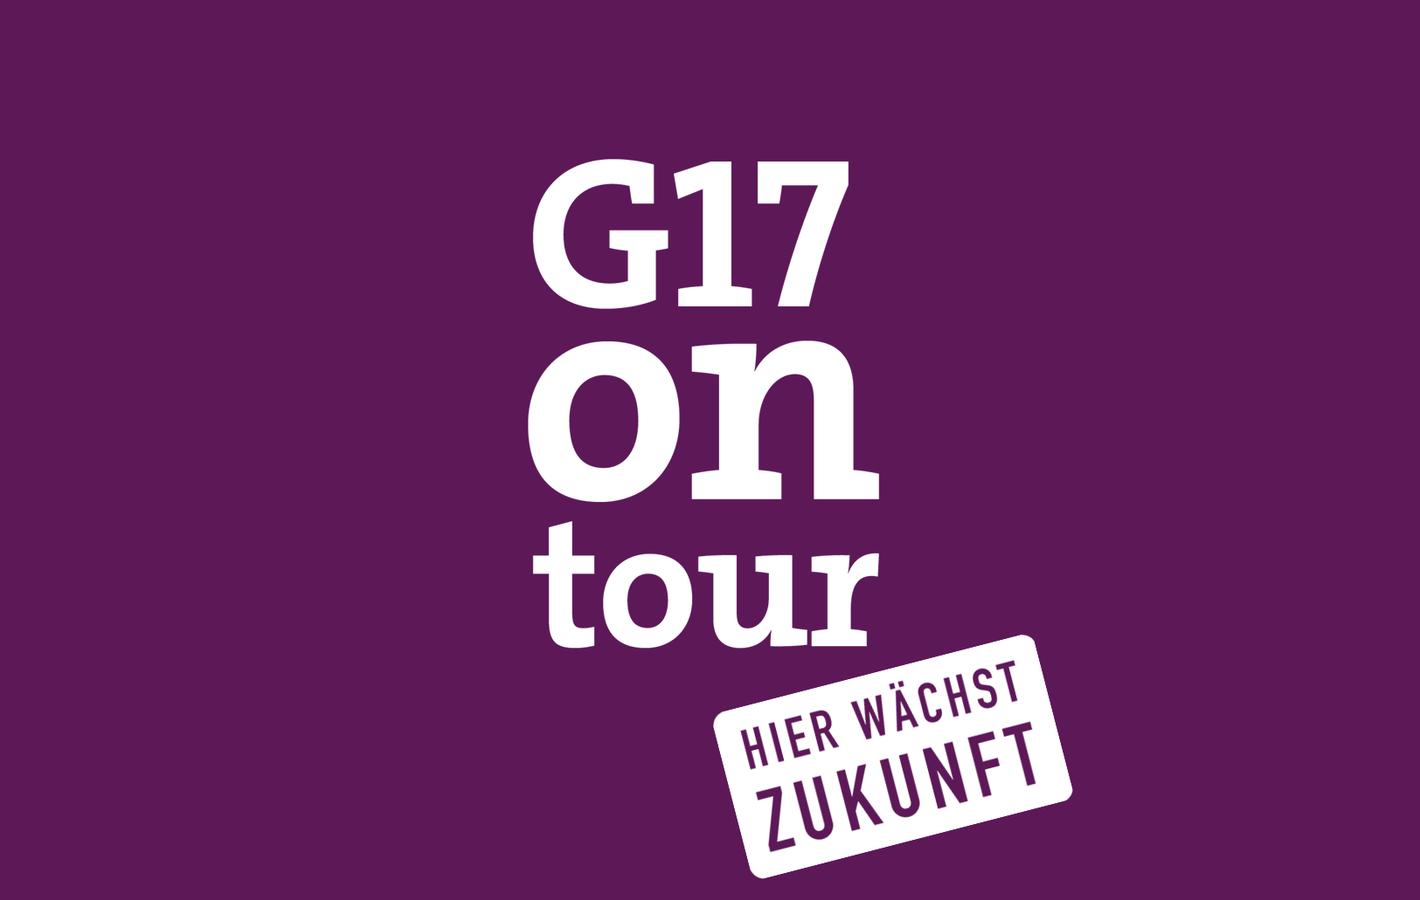 G17 on tour